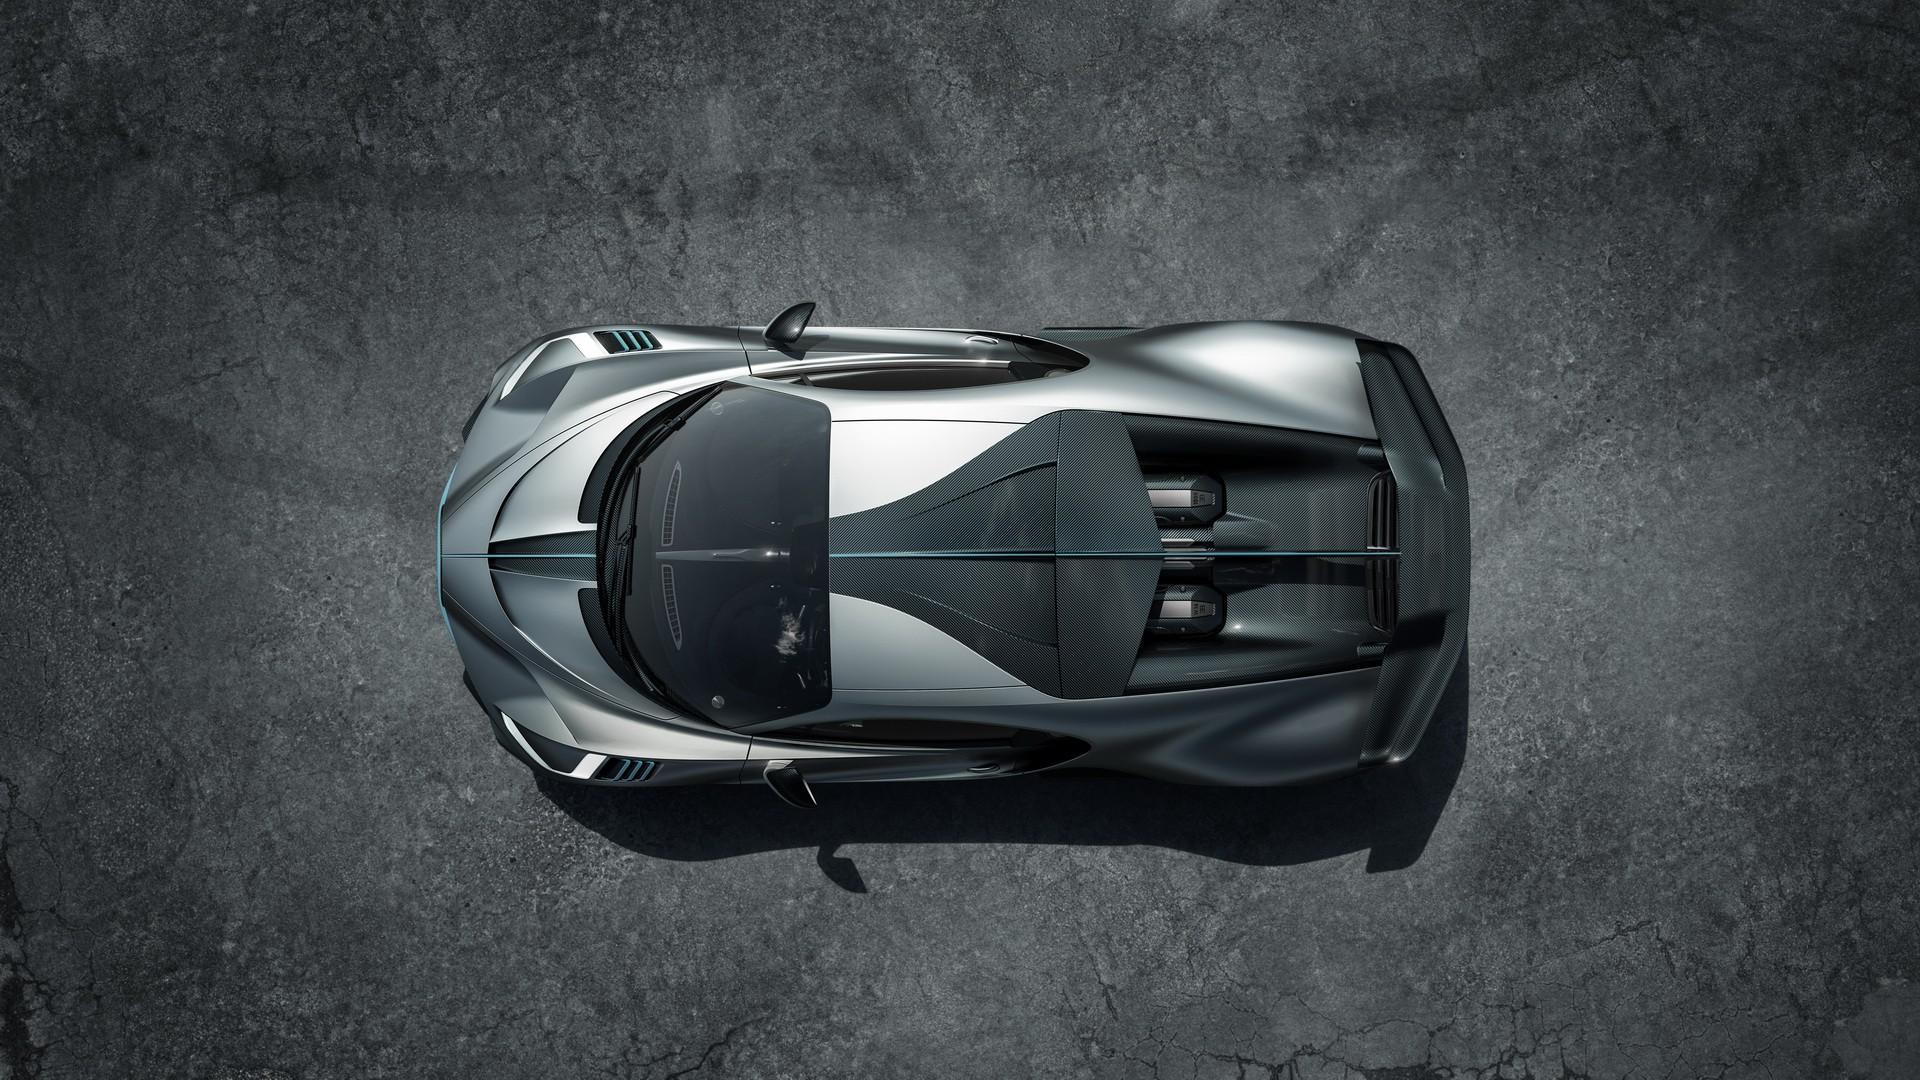 Mẫu Bugatti Divo đầu tiên sẽ được bán ra với mức giá hơn 5,4 triệu USD Ảnh 4